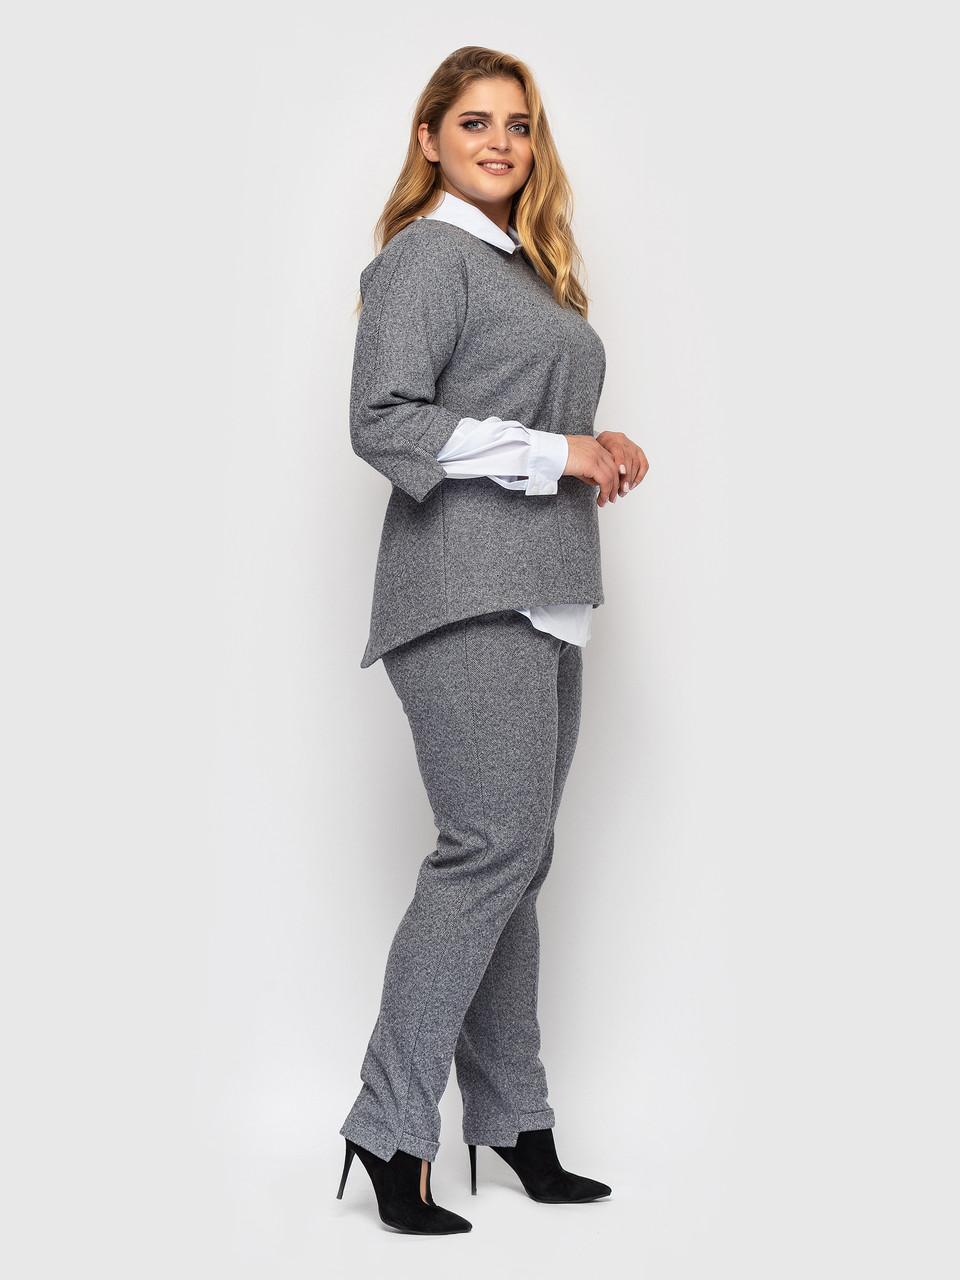 Діловий костюм великого розміру світло-сірий